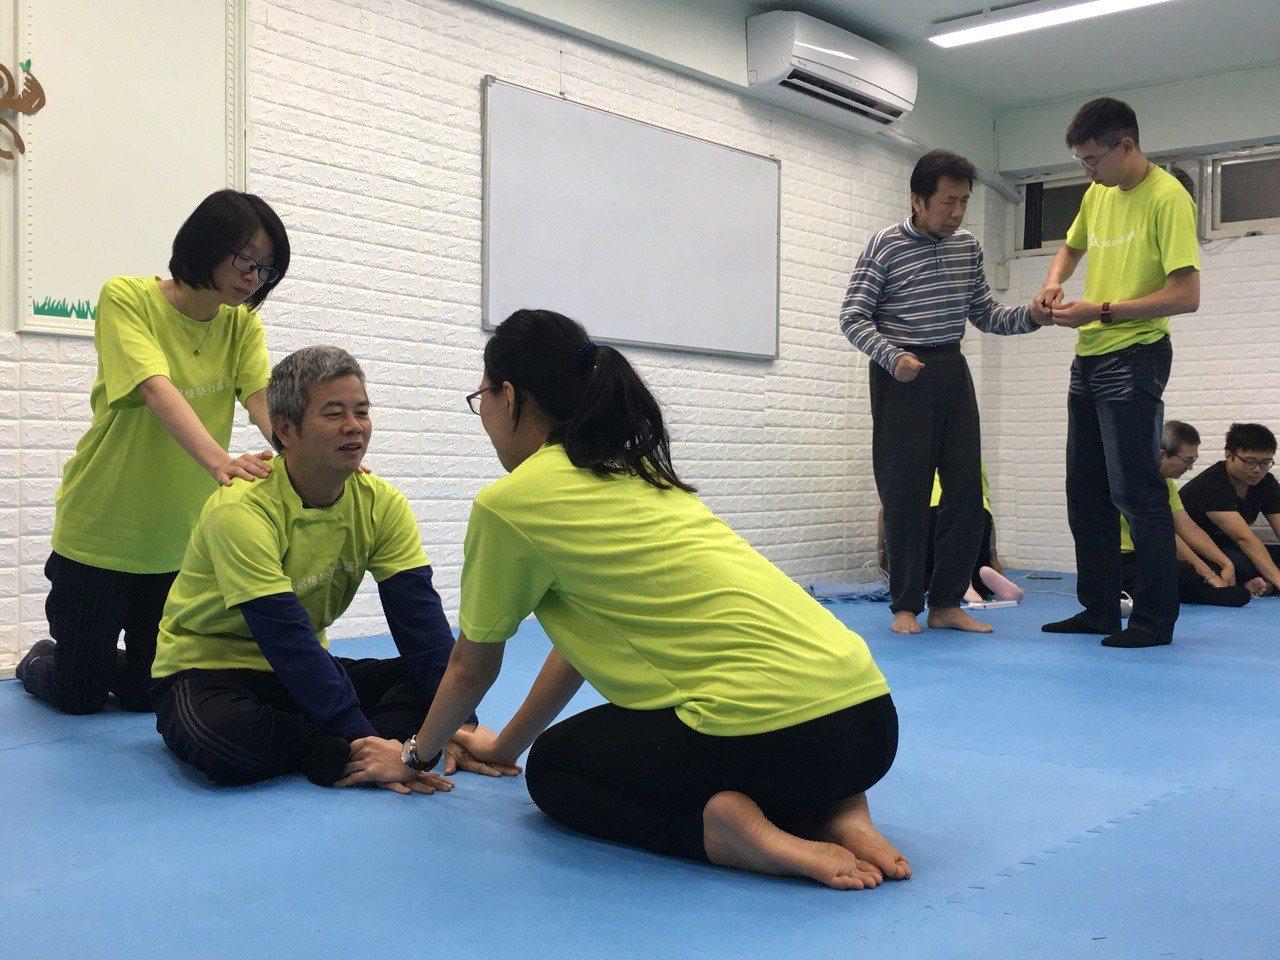 台灣失智症協會推估,國內約有1.2萬多名年輕型失智症患者,但提供年輕型失智者的服...